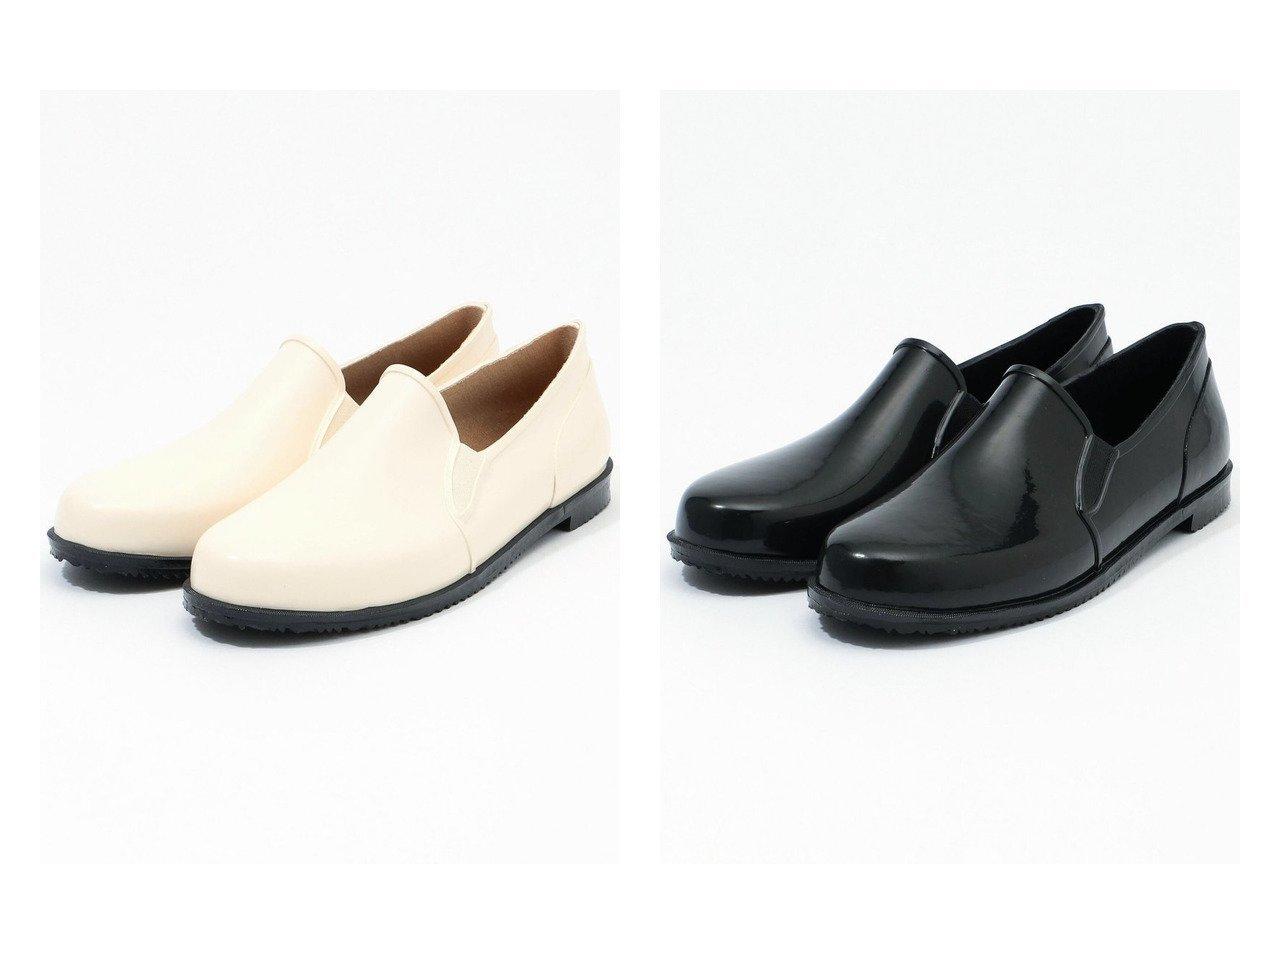 【DES PRES / TOMORROWLAND/デプレ】のFOX UMBRELLAS スリッポンドレス レインシューズ 【シューズ・靴】おすすめ!人気、トレンド・レディースファッションの通販 おすすめで人気の流行・トレンド、ファッションの通販商品 インテリア・家具・メンズファッション・キッズファッション・レディースファッション・服の通販 founy(ファニー) https://founy.com/ ファッション Fashion レディースファッション WOMEN 傘 / レイングッズ Umbrellas/Rainwear 2021年 2021 2021春夏・S/S SS/Spring/Summer/2021 S/S・春夏 SS・Spring/Summer エレガント シューズ シンプル フォルム ラグジュアリー ロンドン 人気 傘 |ID:crp329100000049732